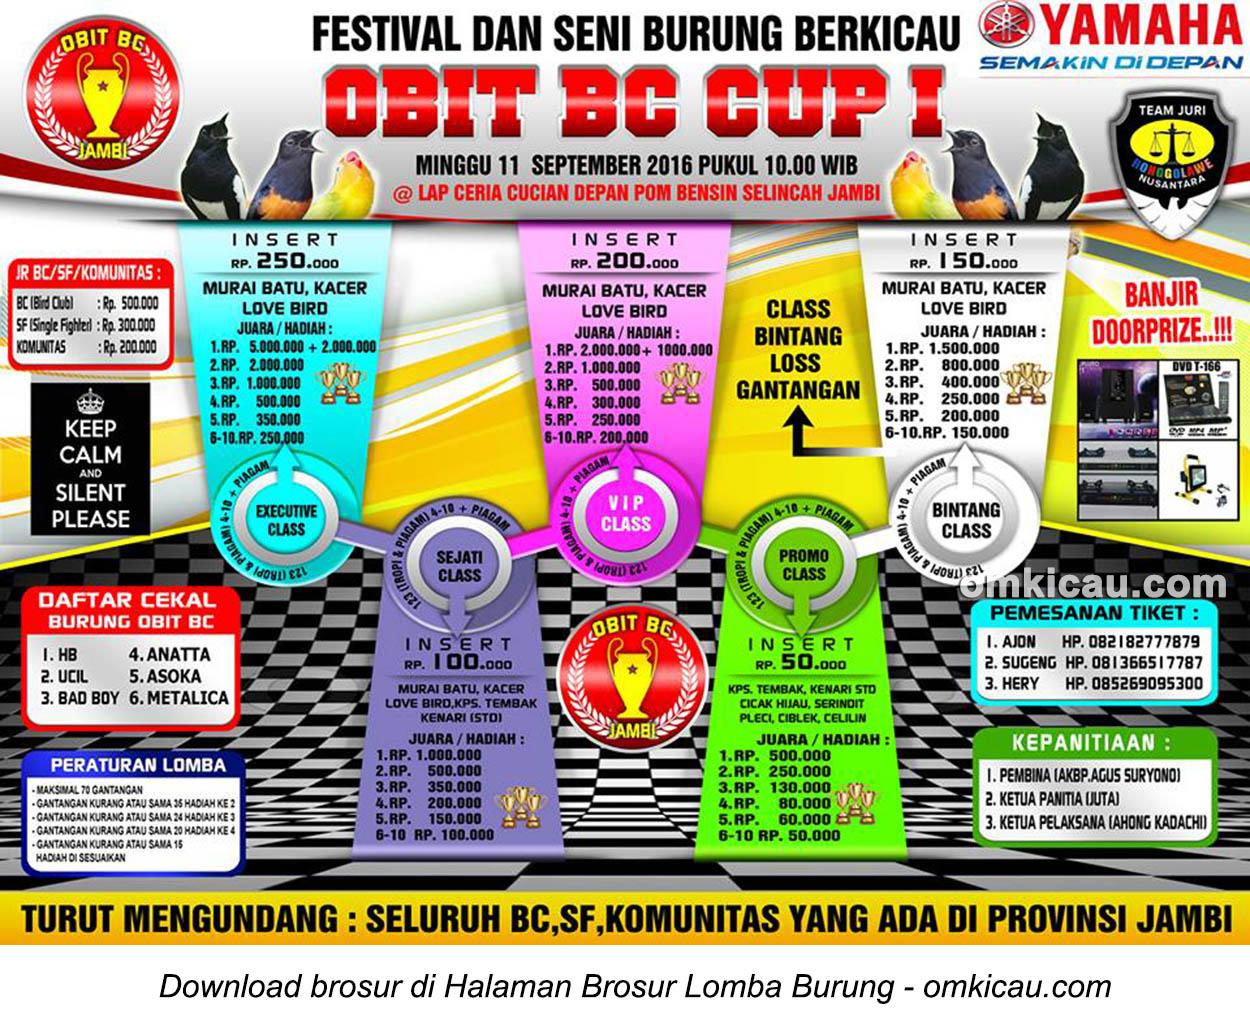 Brosur Lomba Burung Berkicau Obit BC Cup 1, Jambi, 11 September 2016